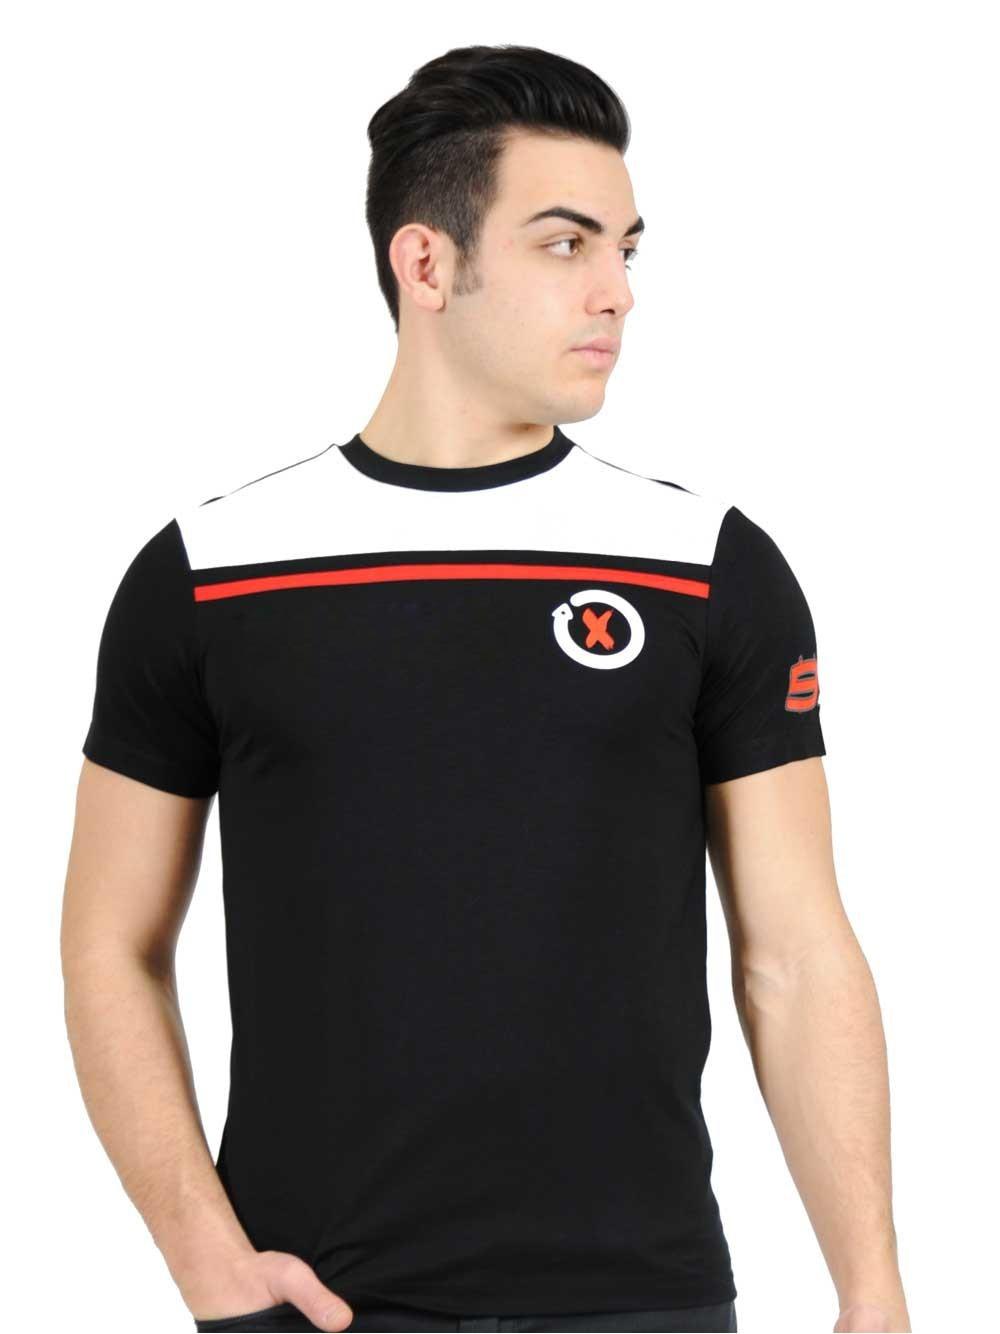 Jorge Lorenzo 99 Moto Por Fuera Camiseta Sports Riders Mtorcycle - Accesorios y repuestos para motocicletas